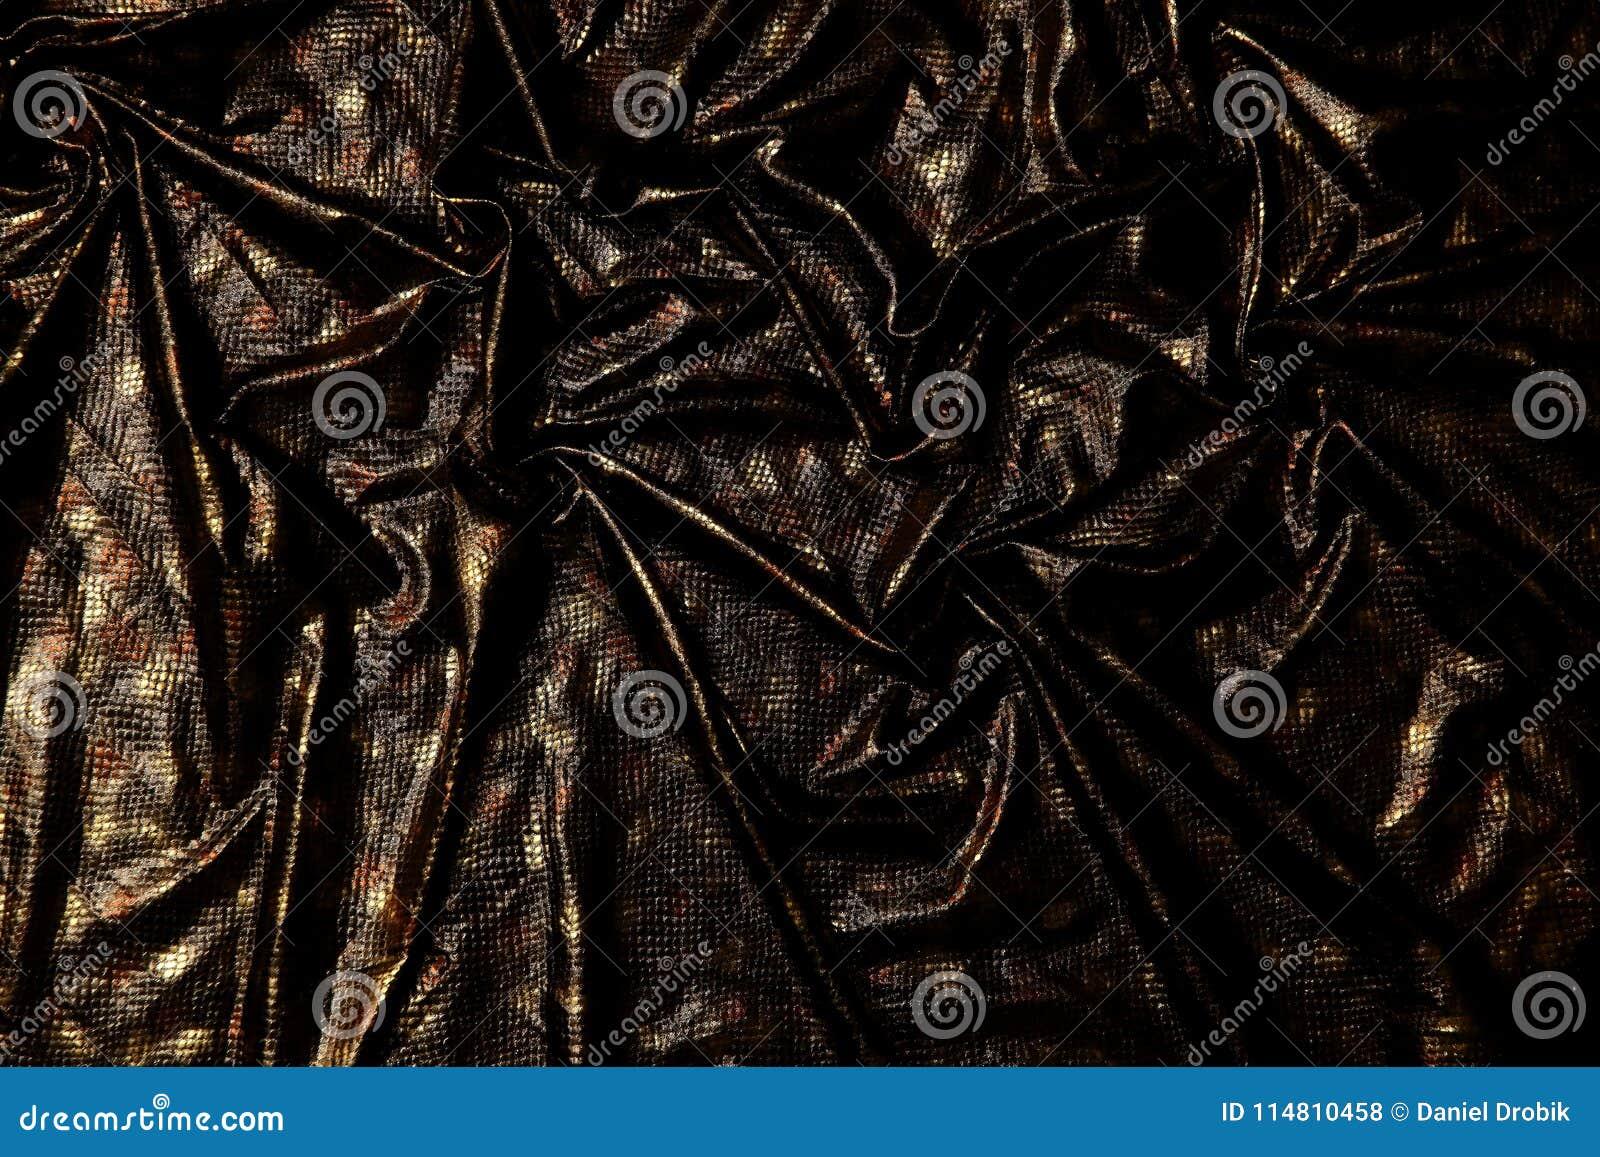 Organtyna сияющий материал который материал соответствующий для обмундирований которые предположены, что подчеркивают состояние и